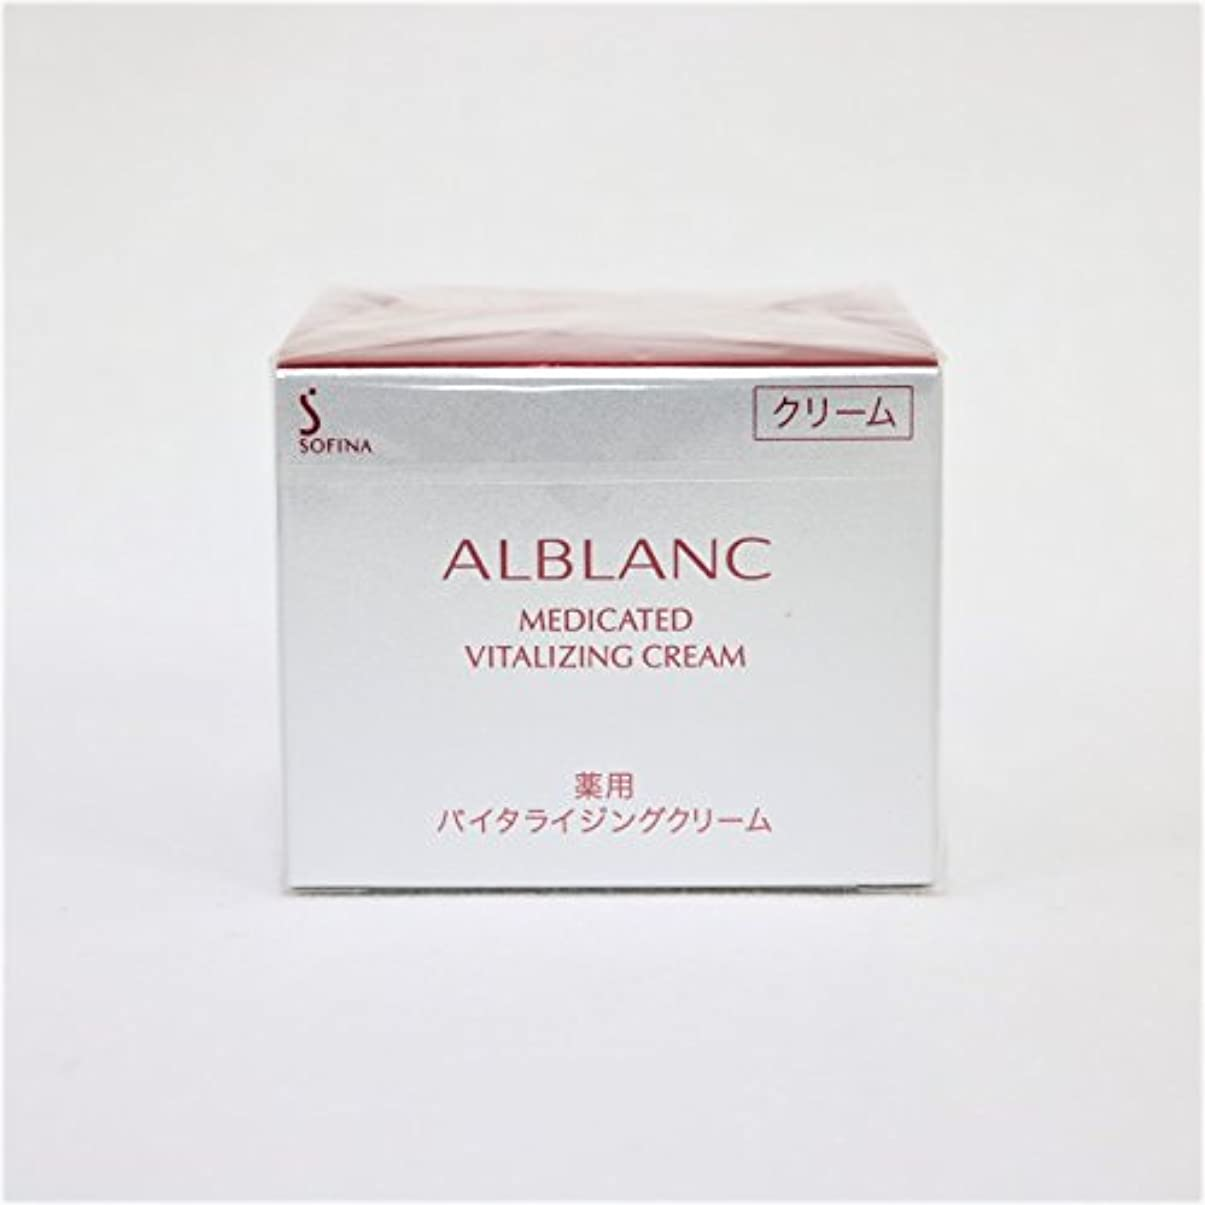 抽選ラフレシアアルノルディ雪だるまソフィーナ アルブラン 薬用バイタライジングクリーム 40g